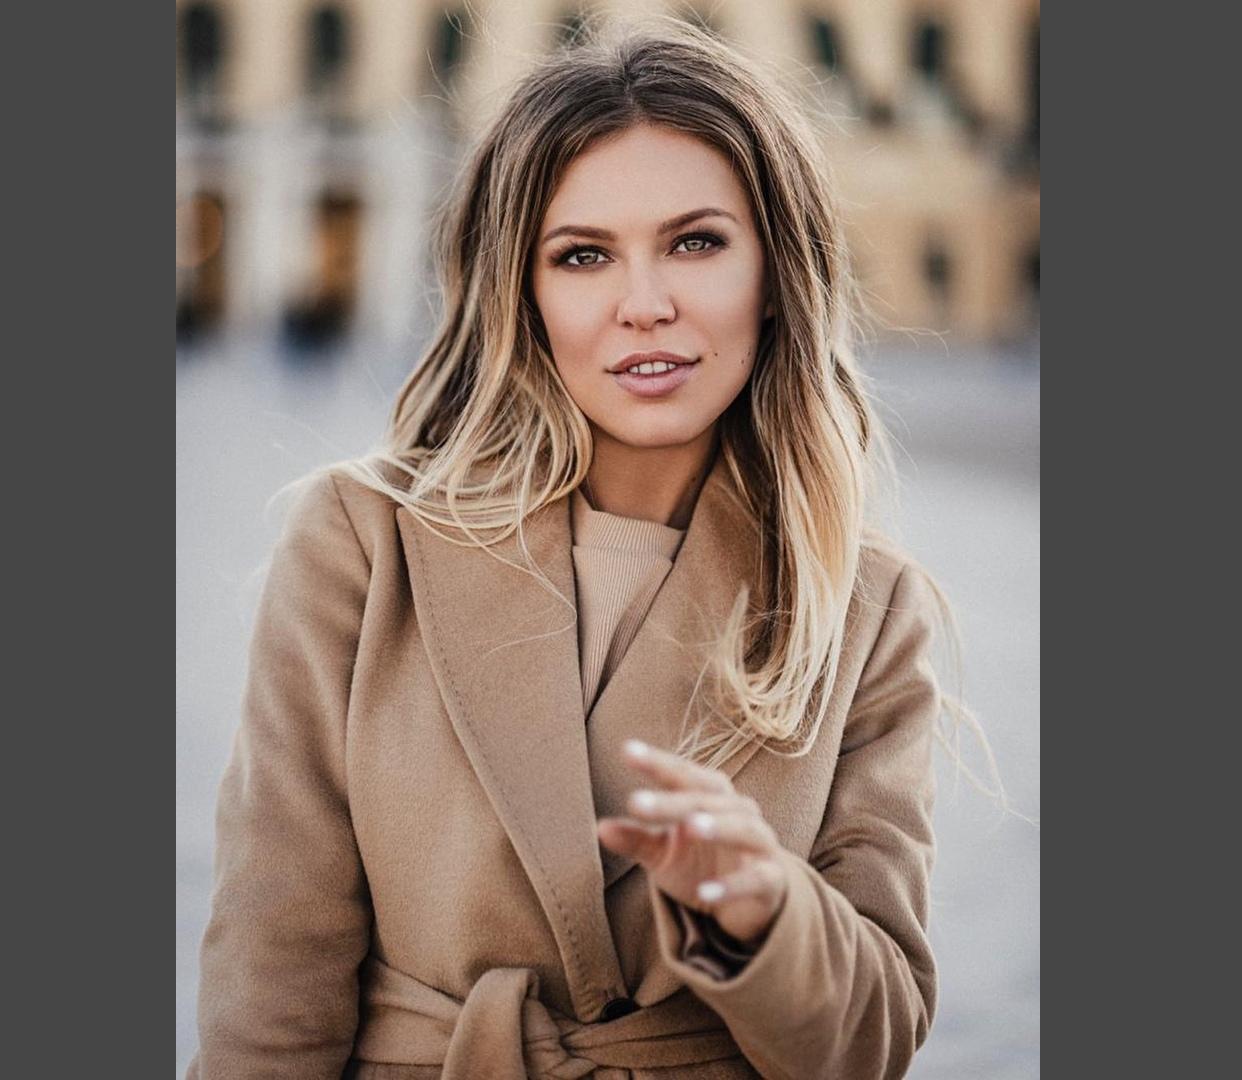 Устрицы как типичный завтрак: популярная певица приехала в Ярославль